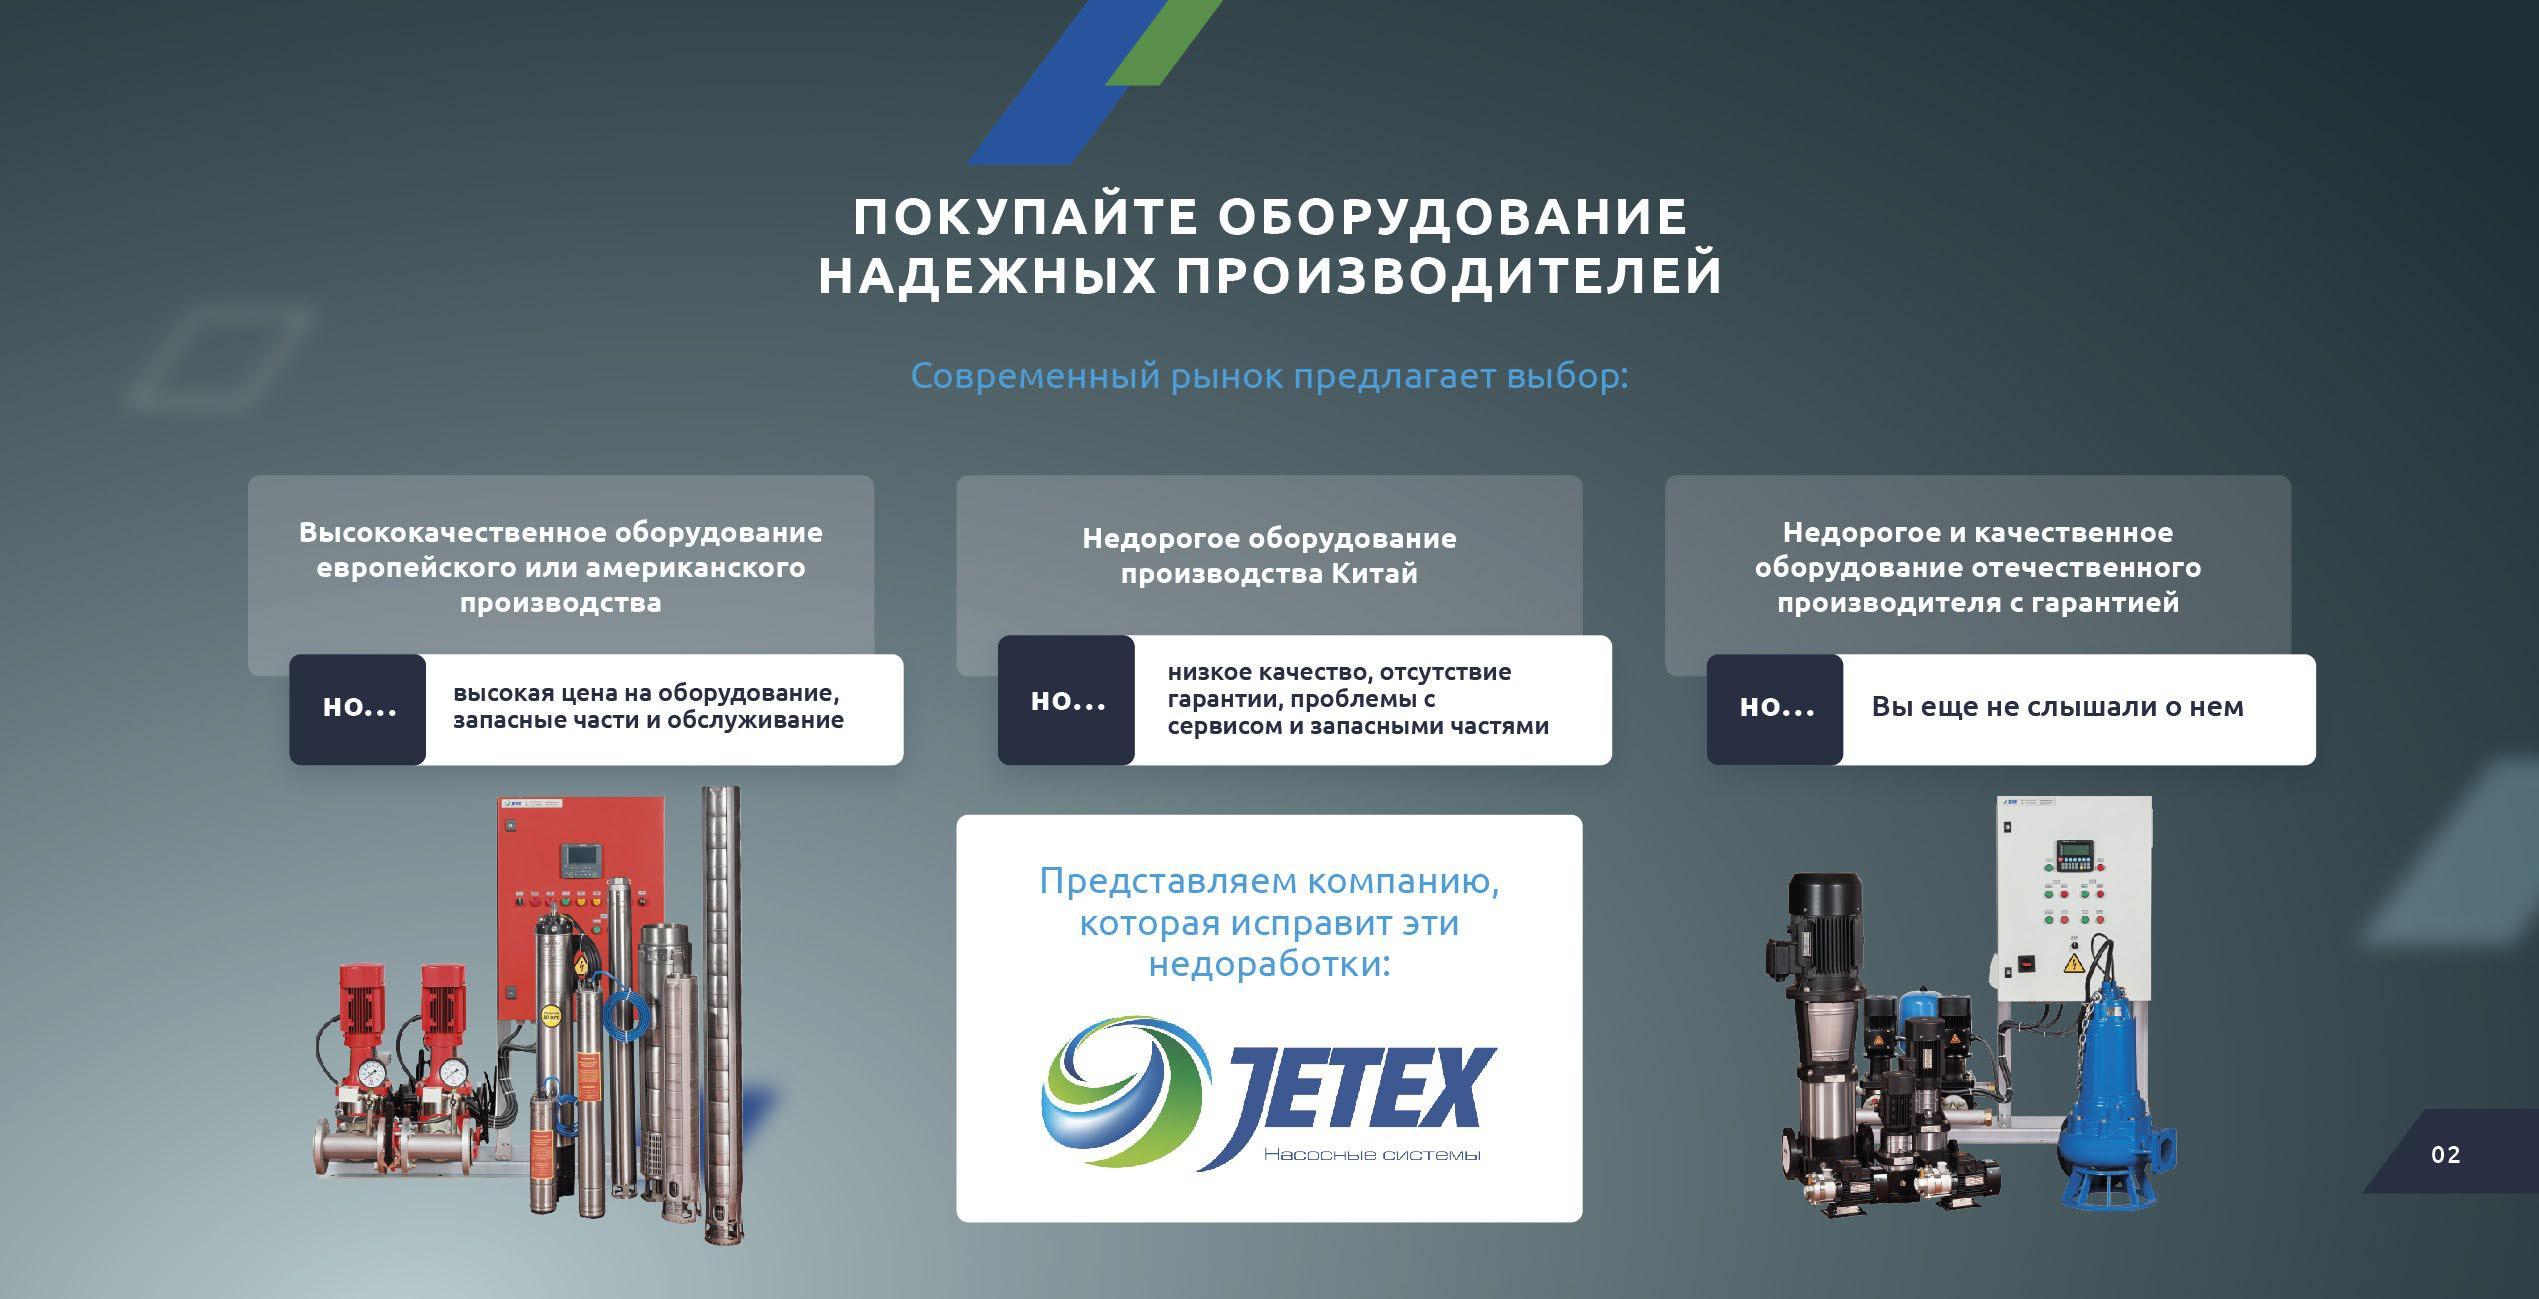 Промышленные насосы Jetex